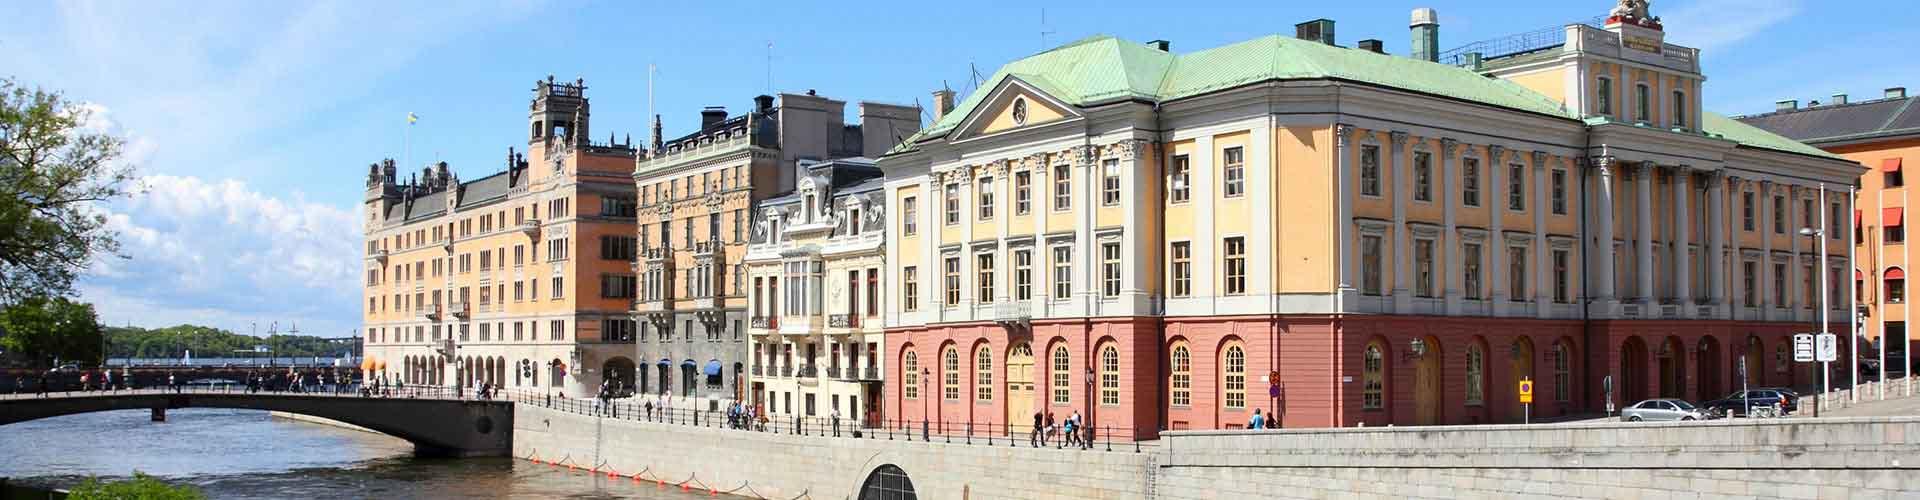 Stockholm - Auberges de jeunesse dans le quartier de Norrmalm. Cartes pour Stockholm, photos et commentaires pour chaque auberge de jeunesse à Stockholm.